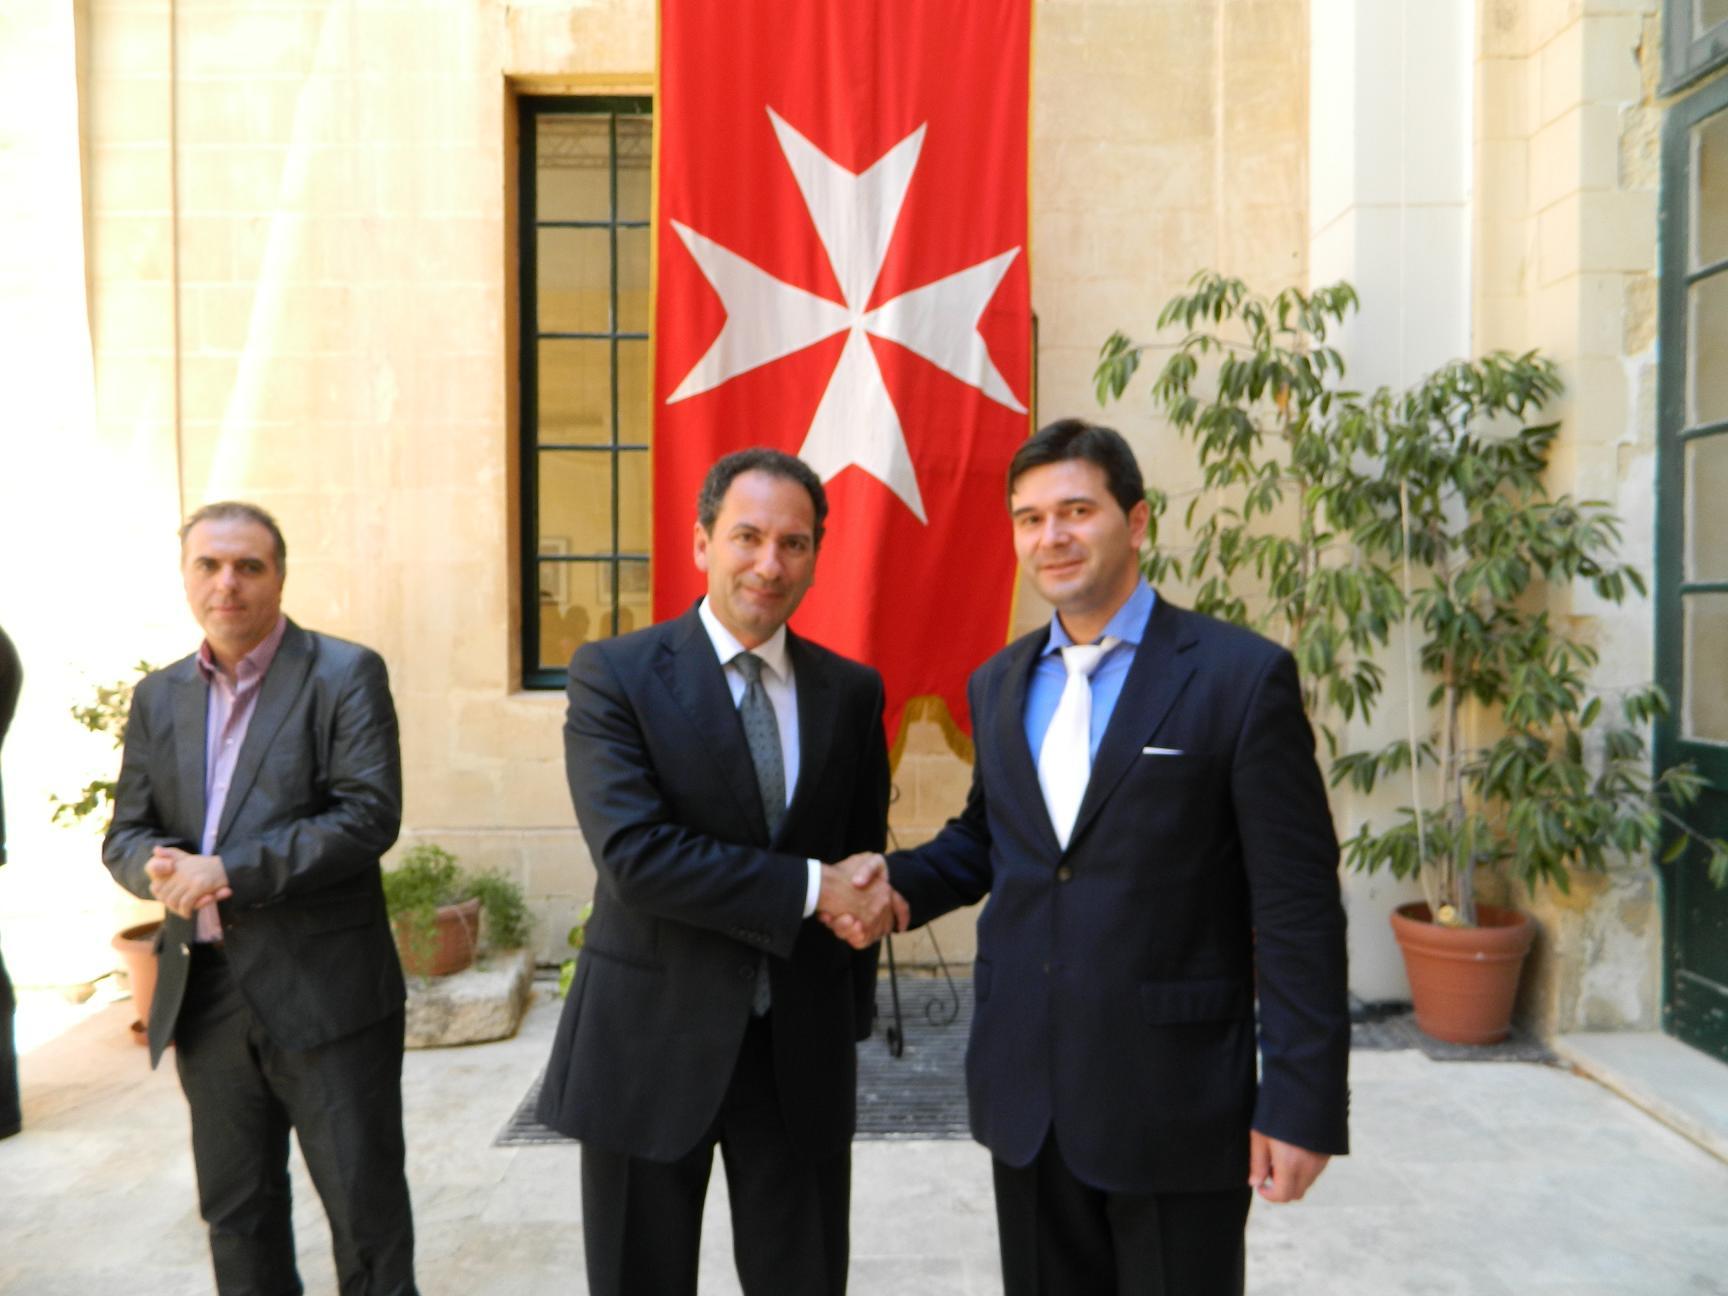 Mario de Marco: Malta oferă patrimoniu cultural, diversitate şi oameni extrem de ospitalieri